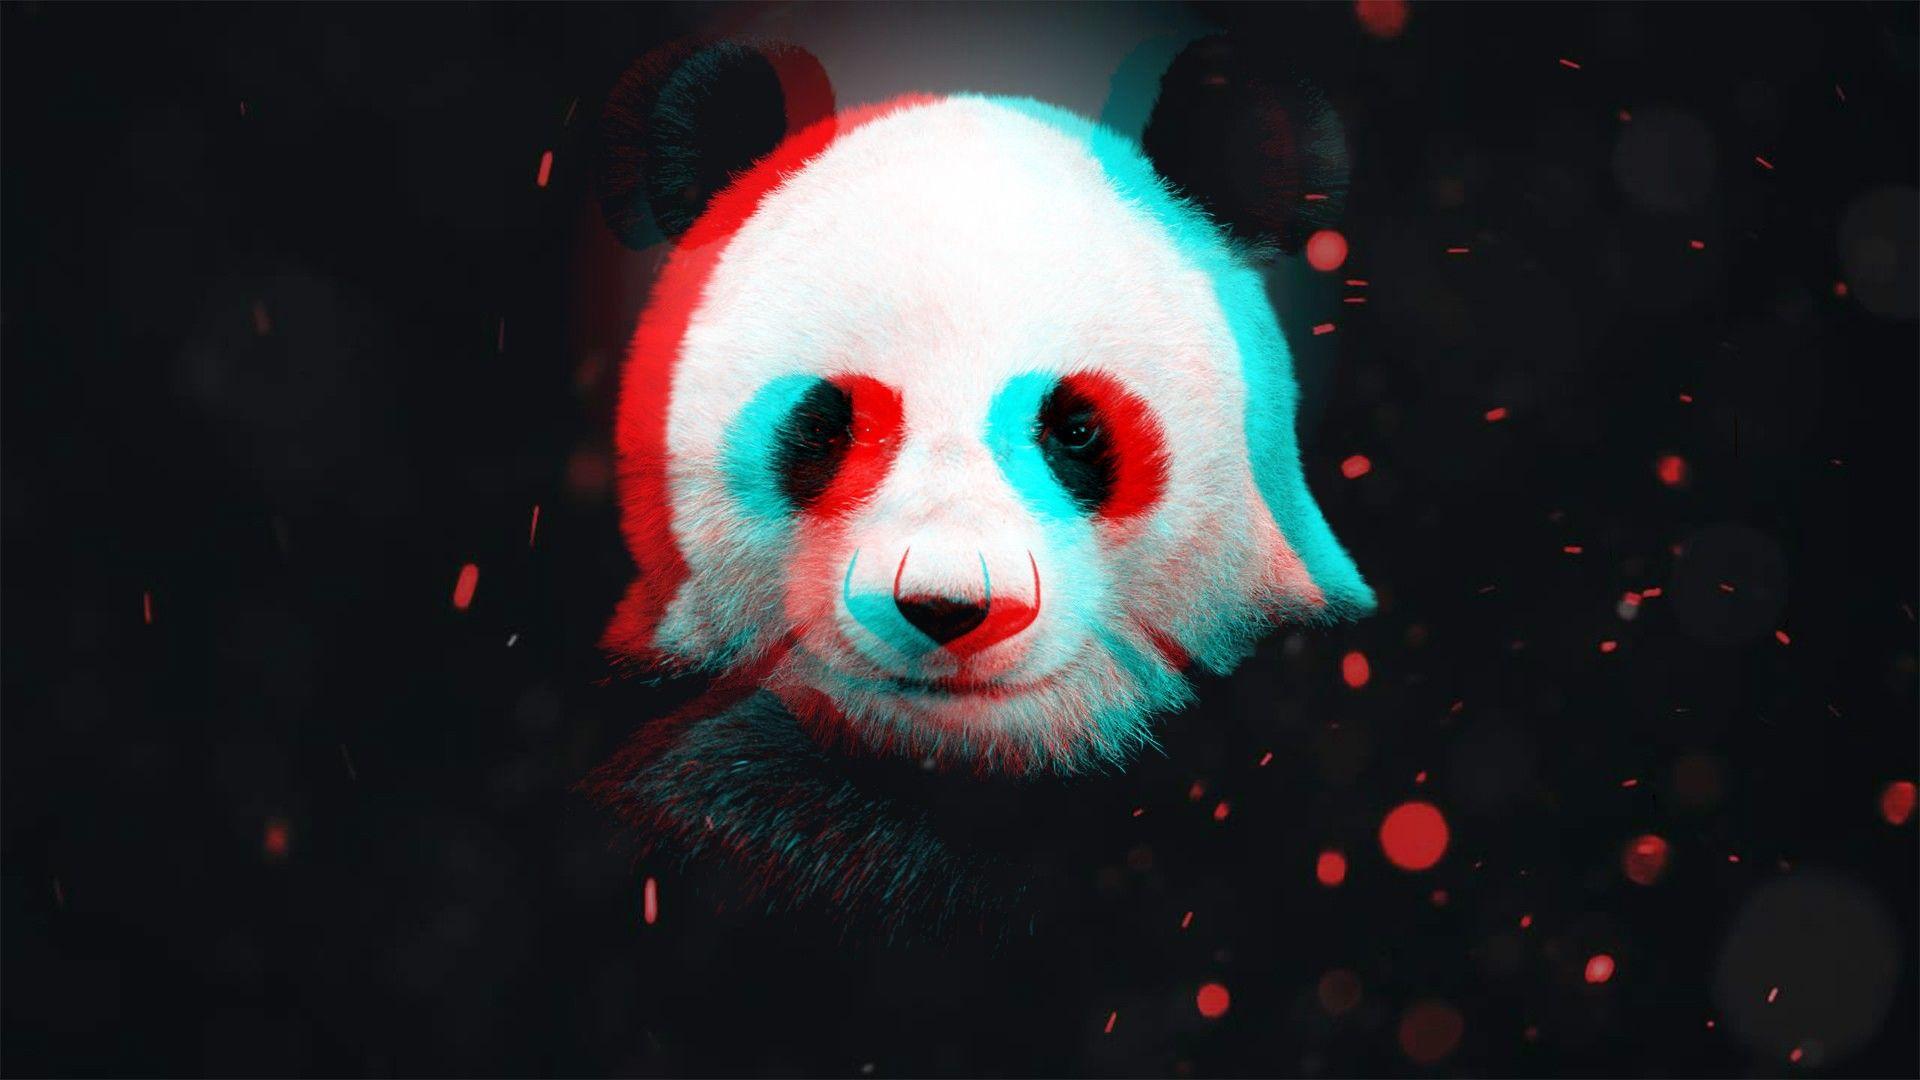 Anaglyph Panda [1920×1080] 4K